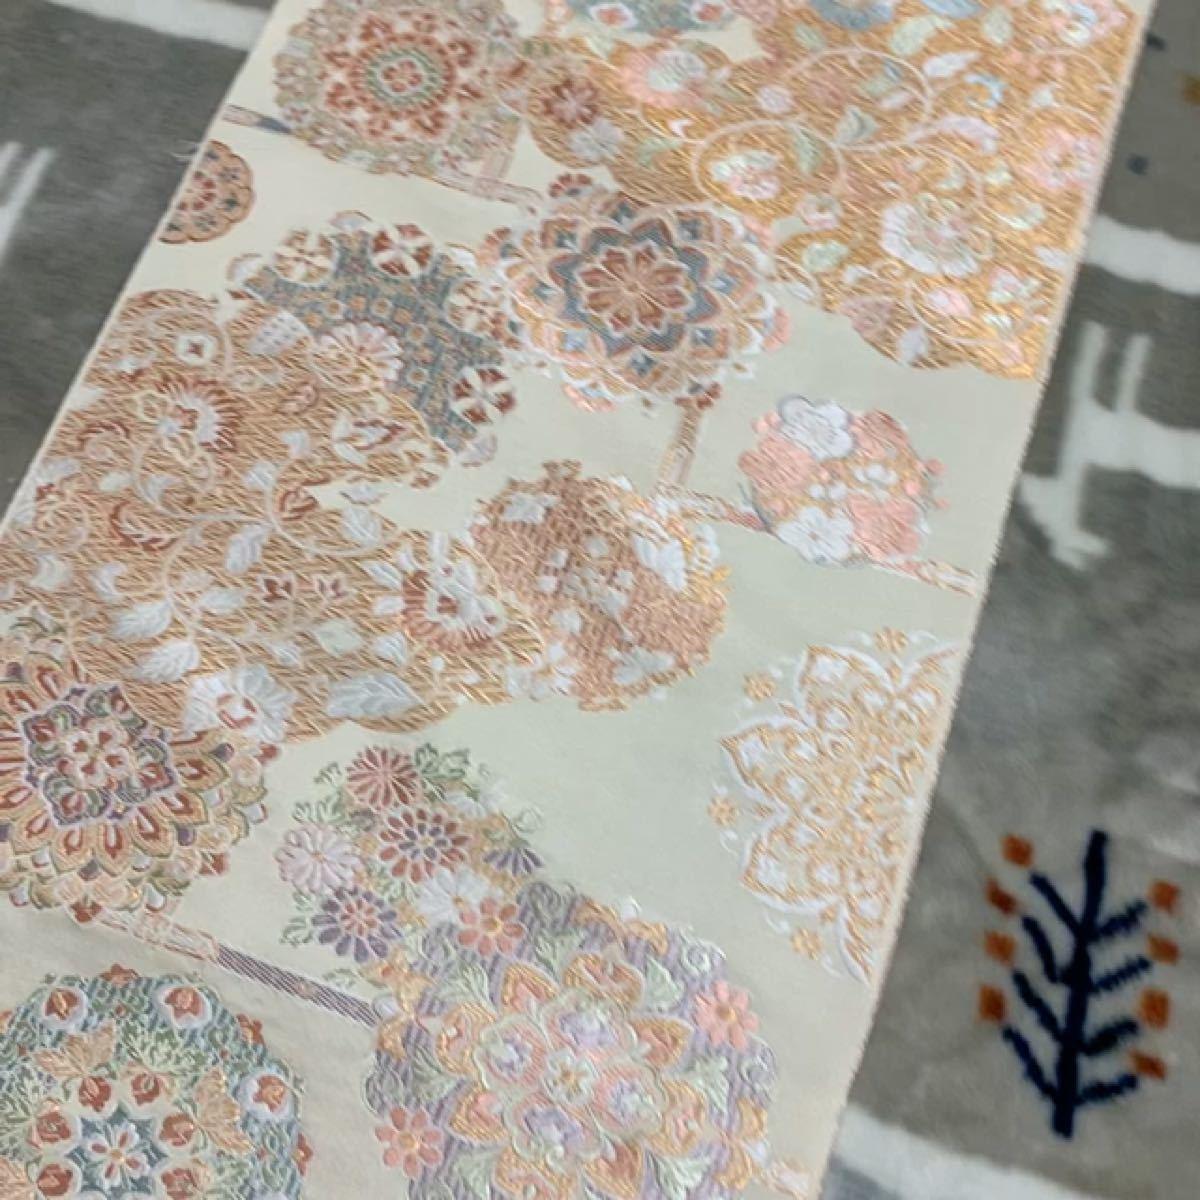 帯 帯地 未仕立て品 ハギレ ハンドメイド リメイク 素材